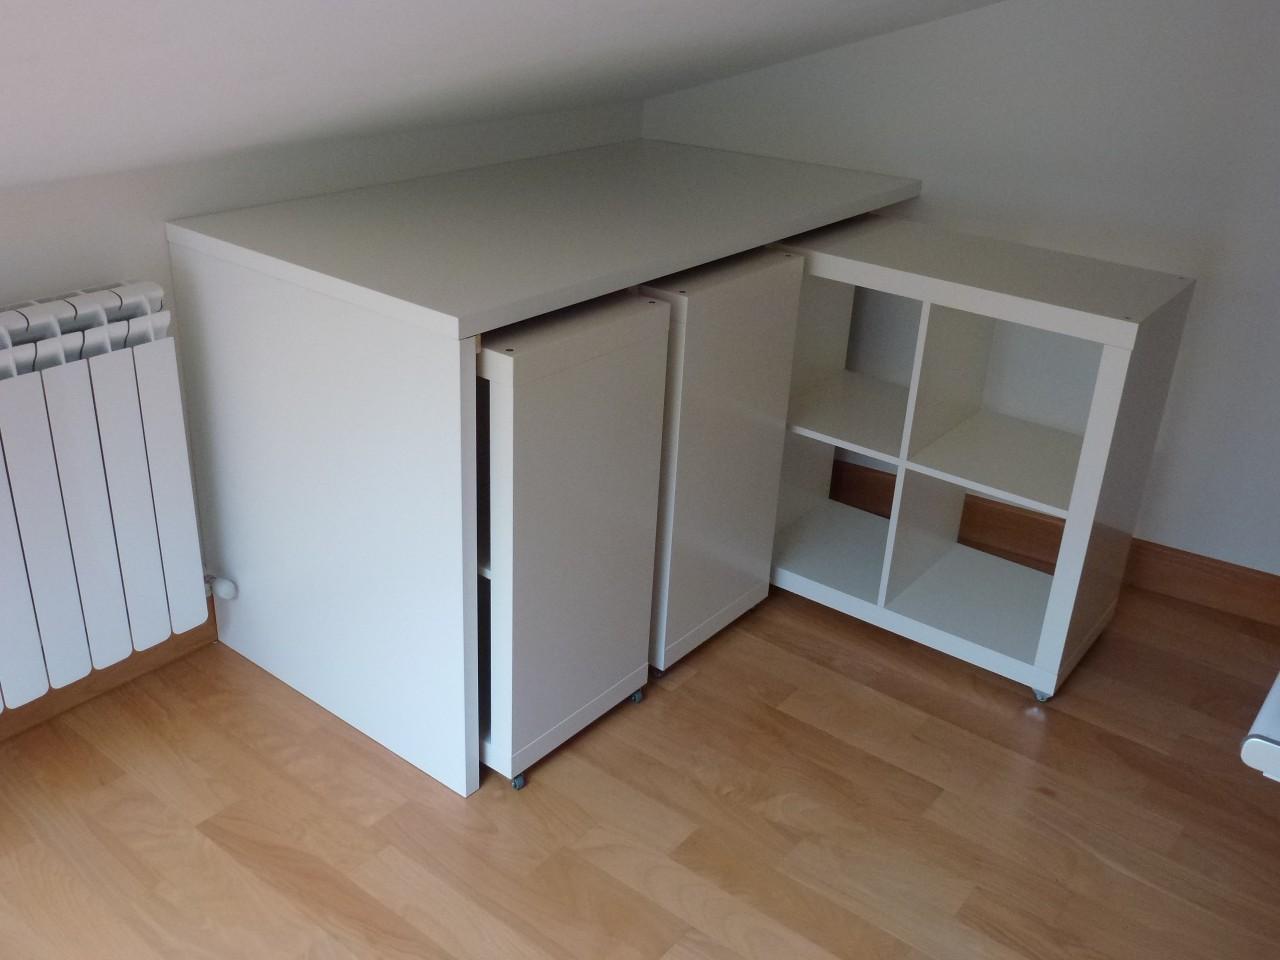 Jugendzimmer Ikea Für Mädchen ~ Gebraucht ikea schreibtisch regal kombination in leipzig um